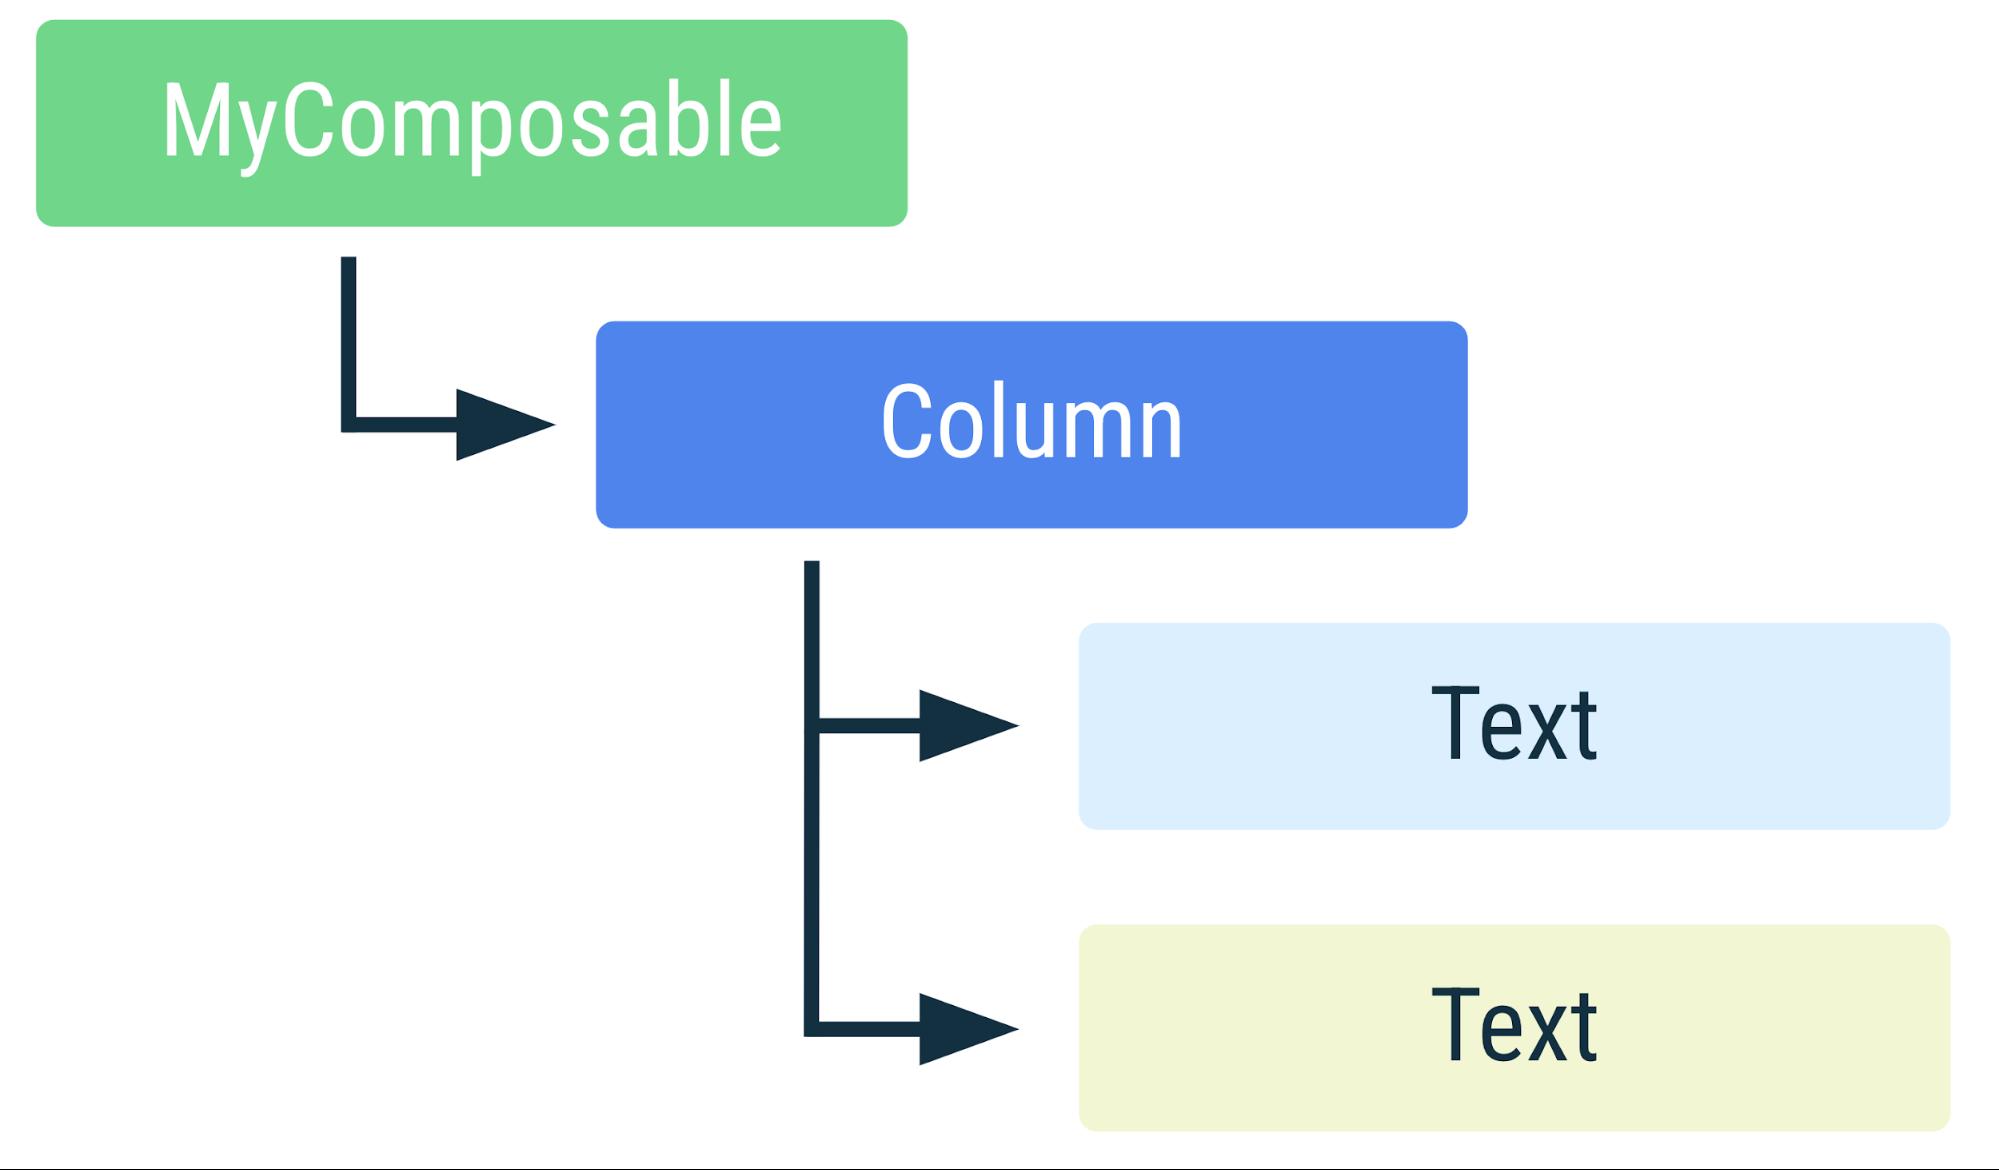 上記のコード スニペットに含まれる要素の階層的な配置を示す図